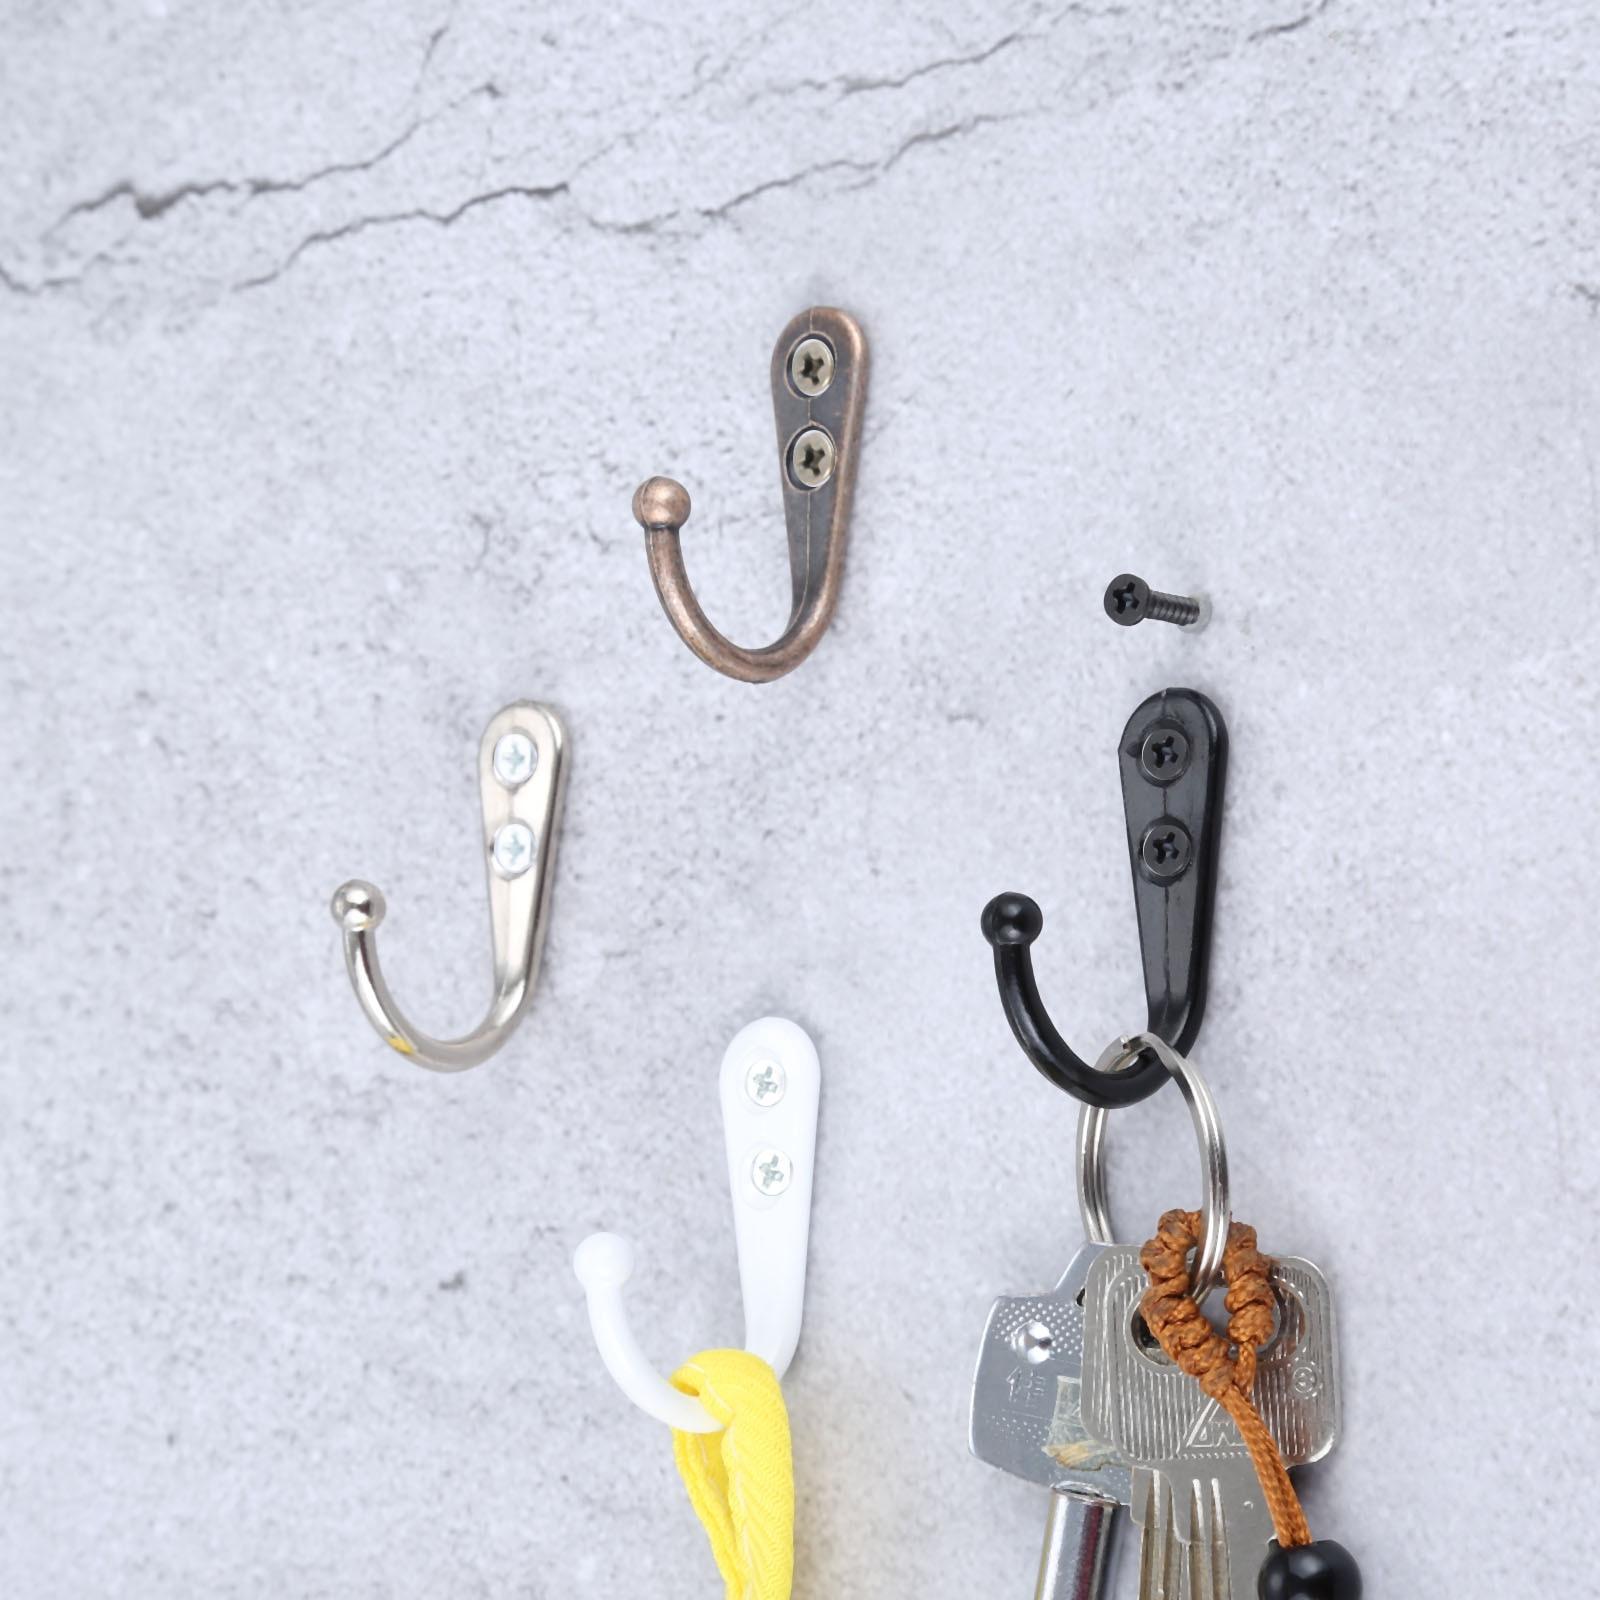 DRELD 5Pcs Single Prong Hook Wall Mounted Cloth Hanger Hook For Coats Hats Towels Keys Clothes Door Hanger Home Decor W/Screws